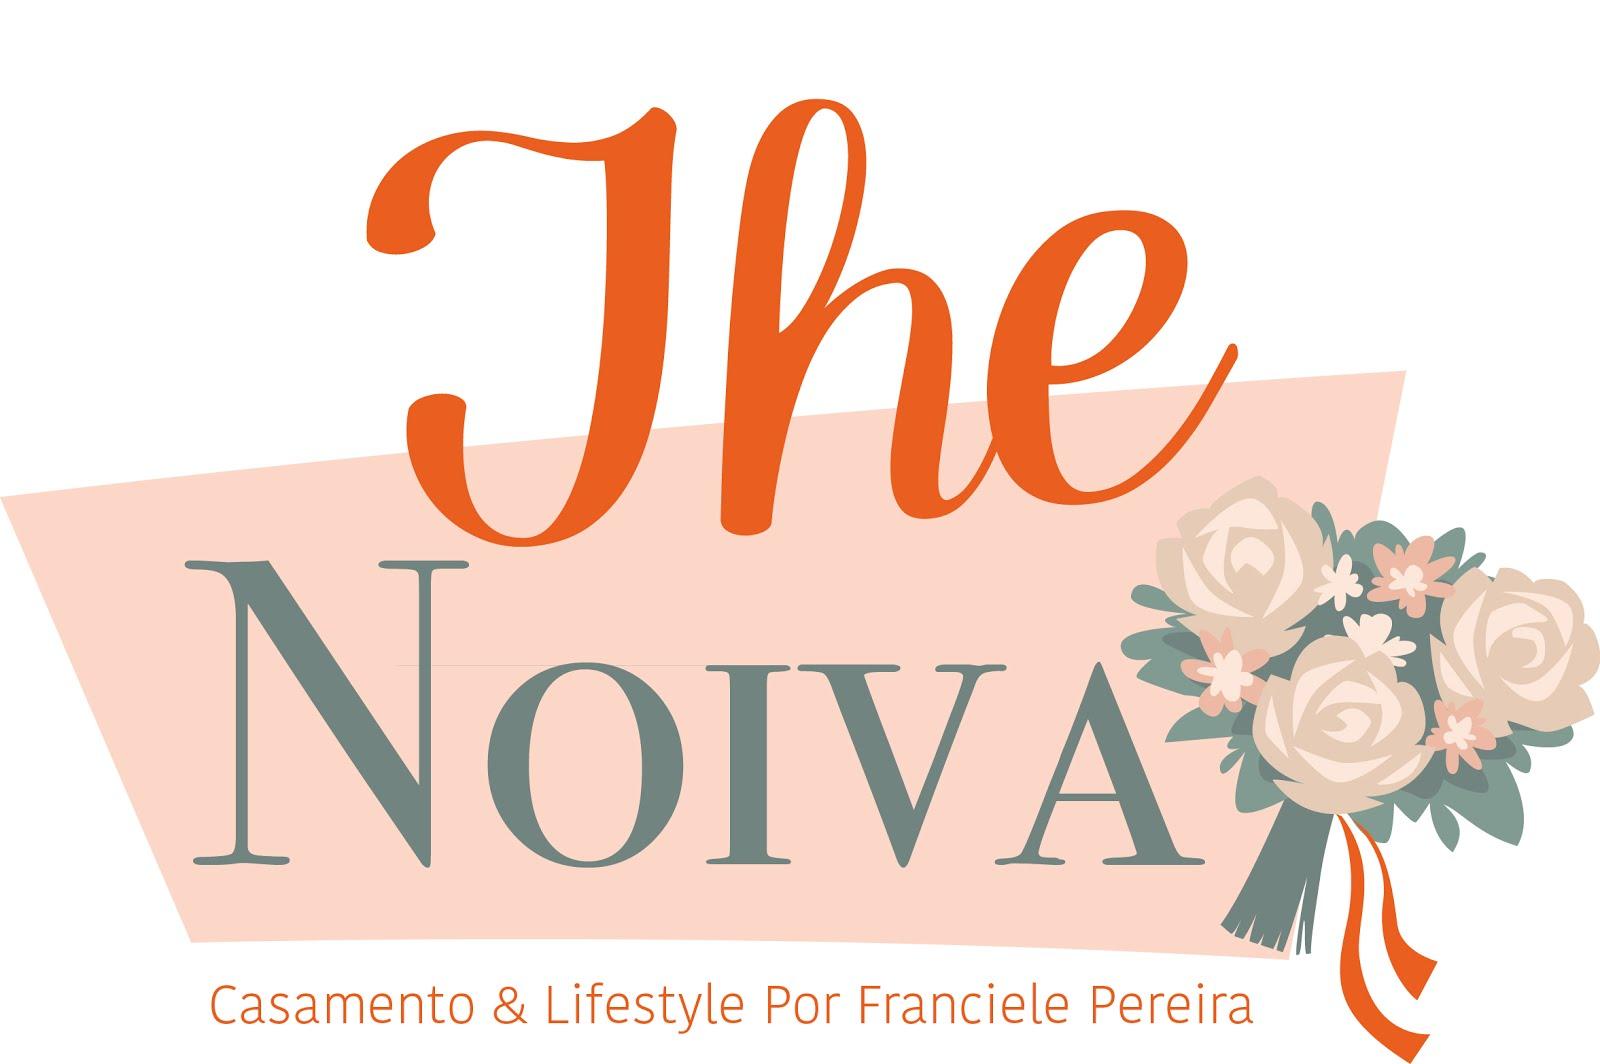 The Noiva